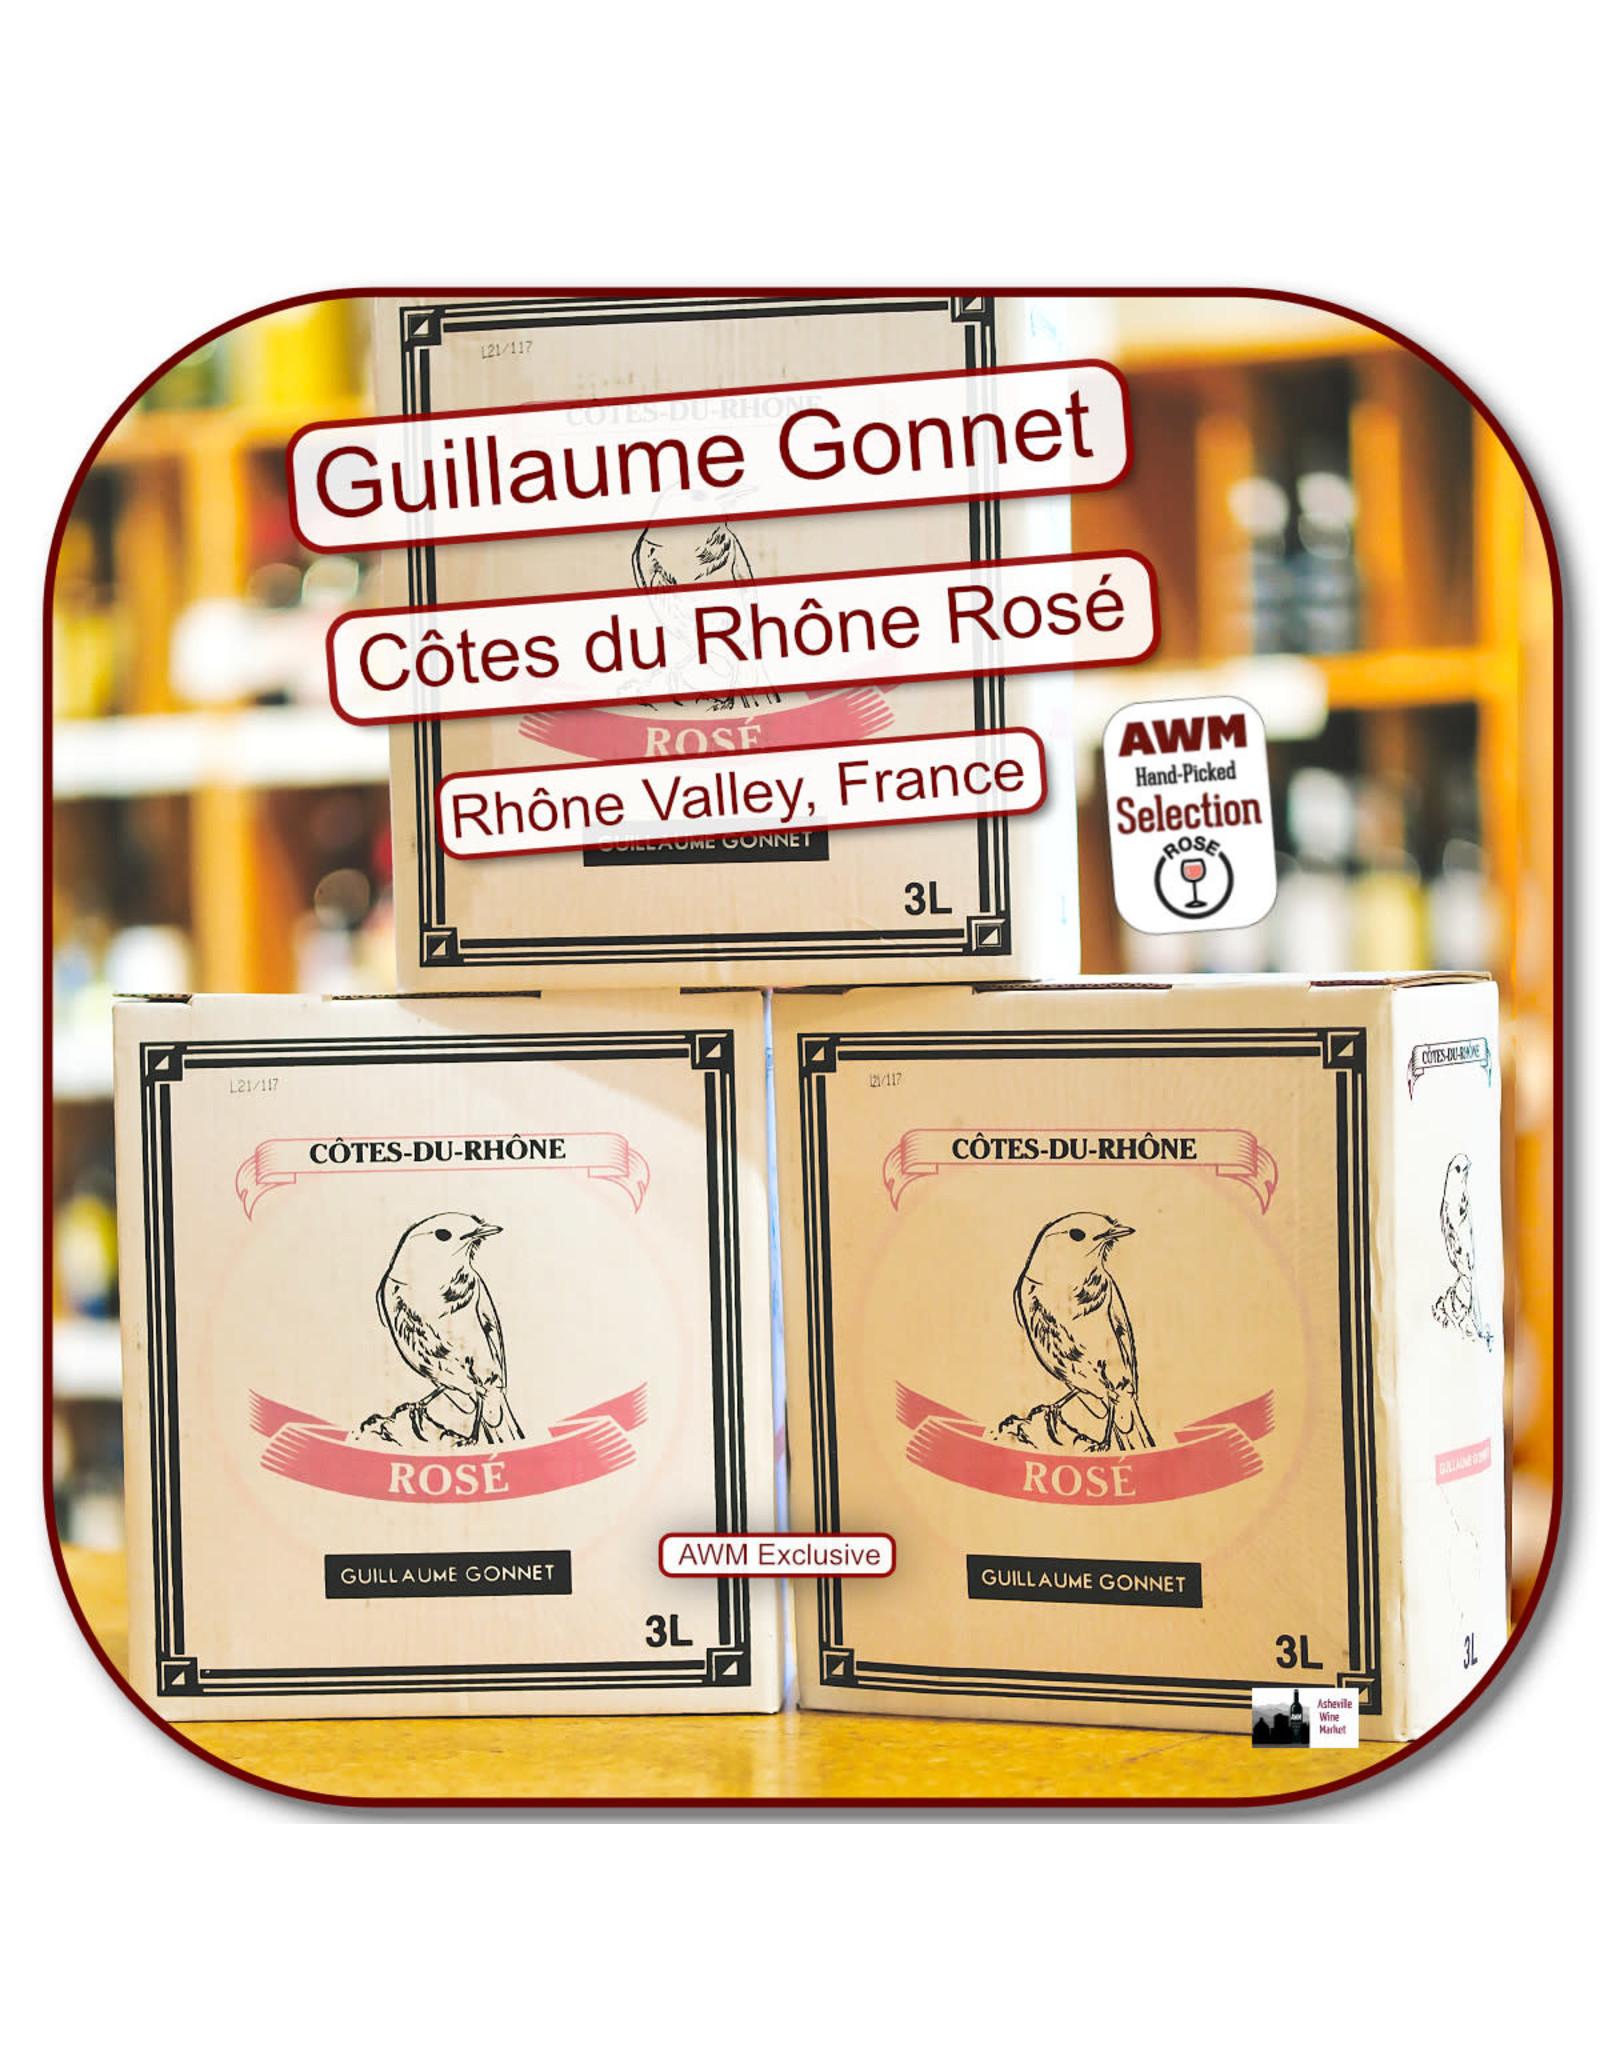 Rose G Gonnet - BOX - 3ltr - Le Reveur - CDR Rose  20